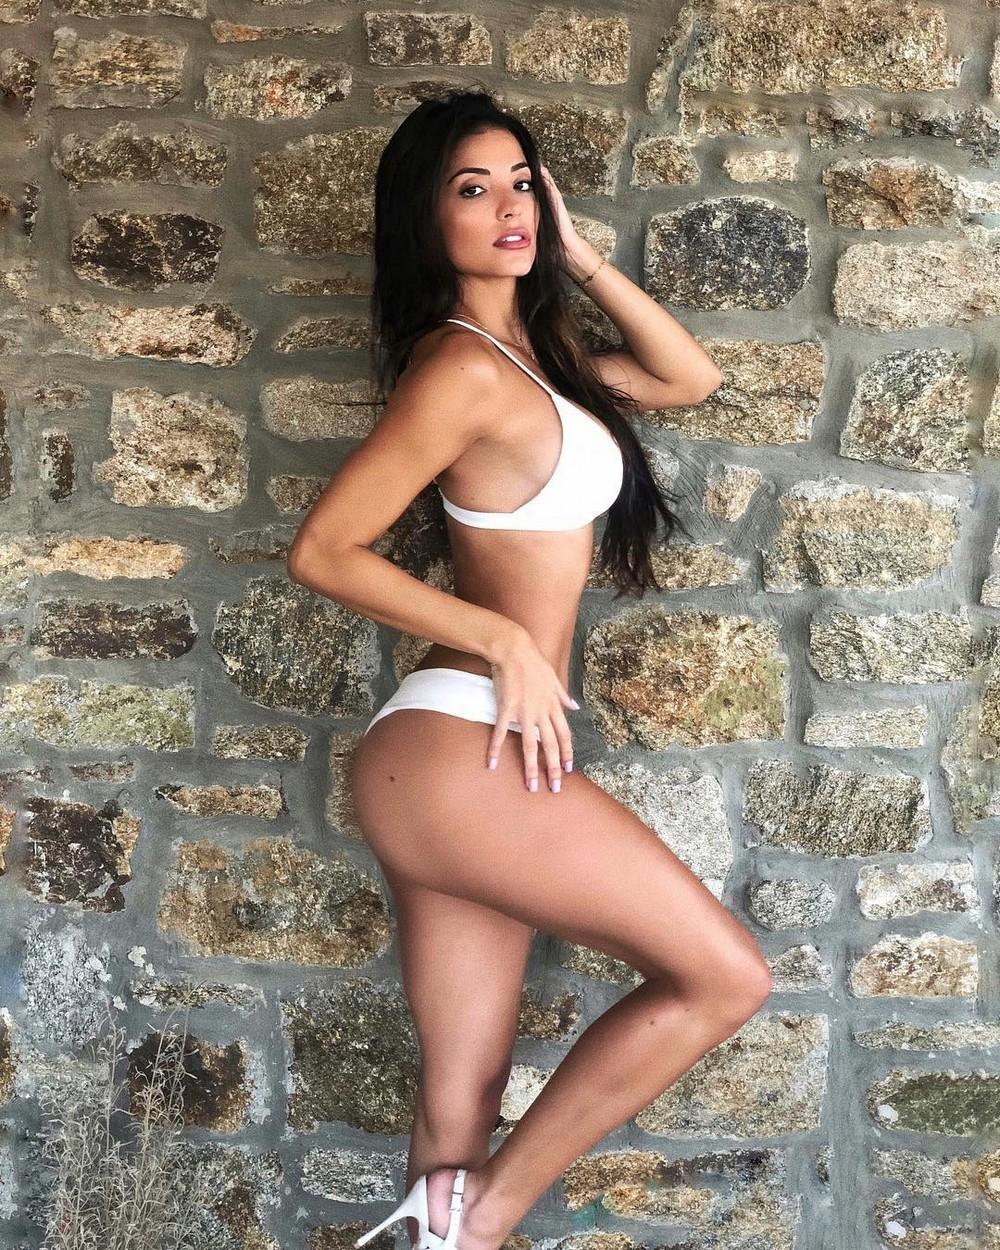 Горячие латиноамериканские девчонки фото